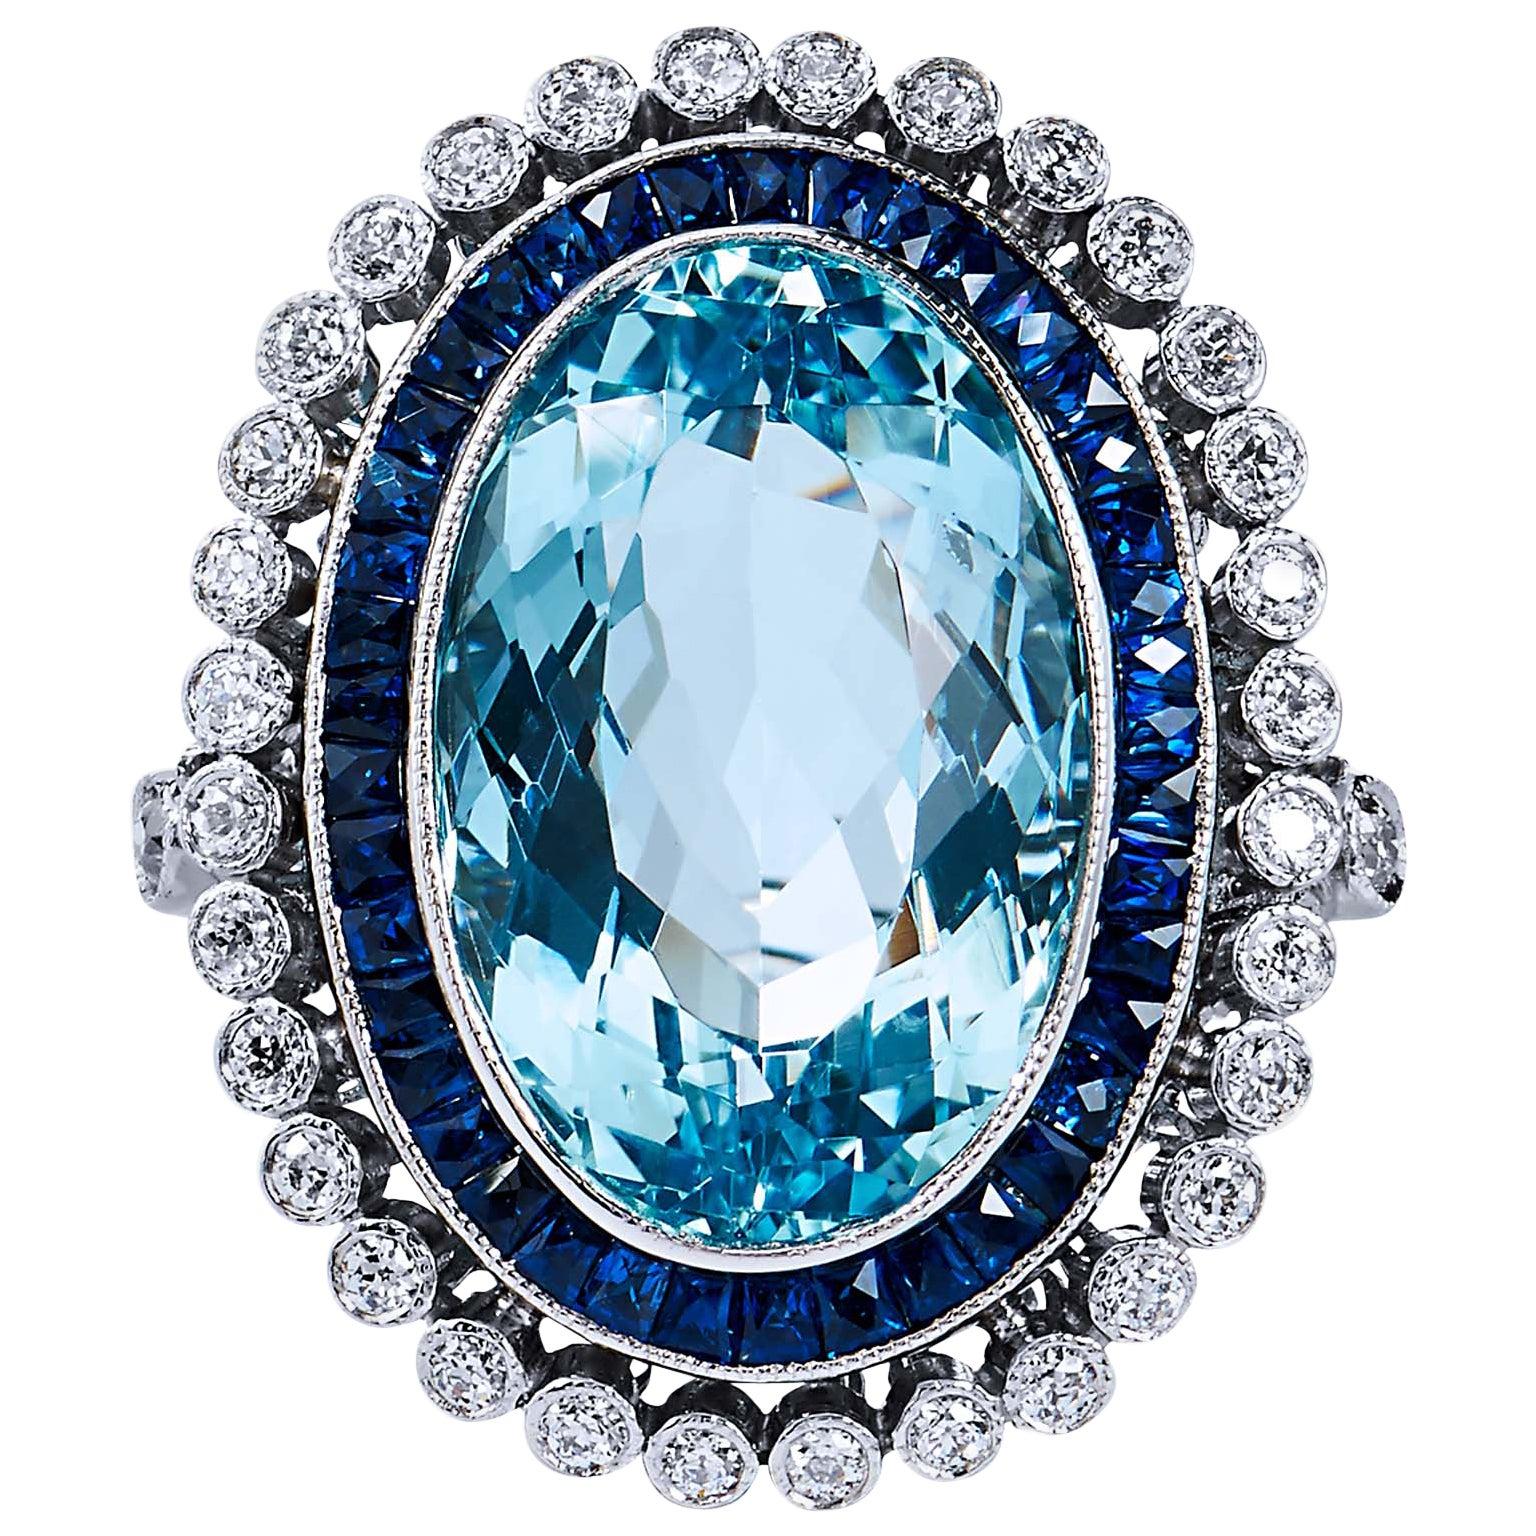 GIA Cert Art Deco Style 10.54 Carat Aquamarine Diamond Platinum Cocktail Ring